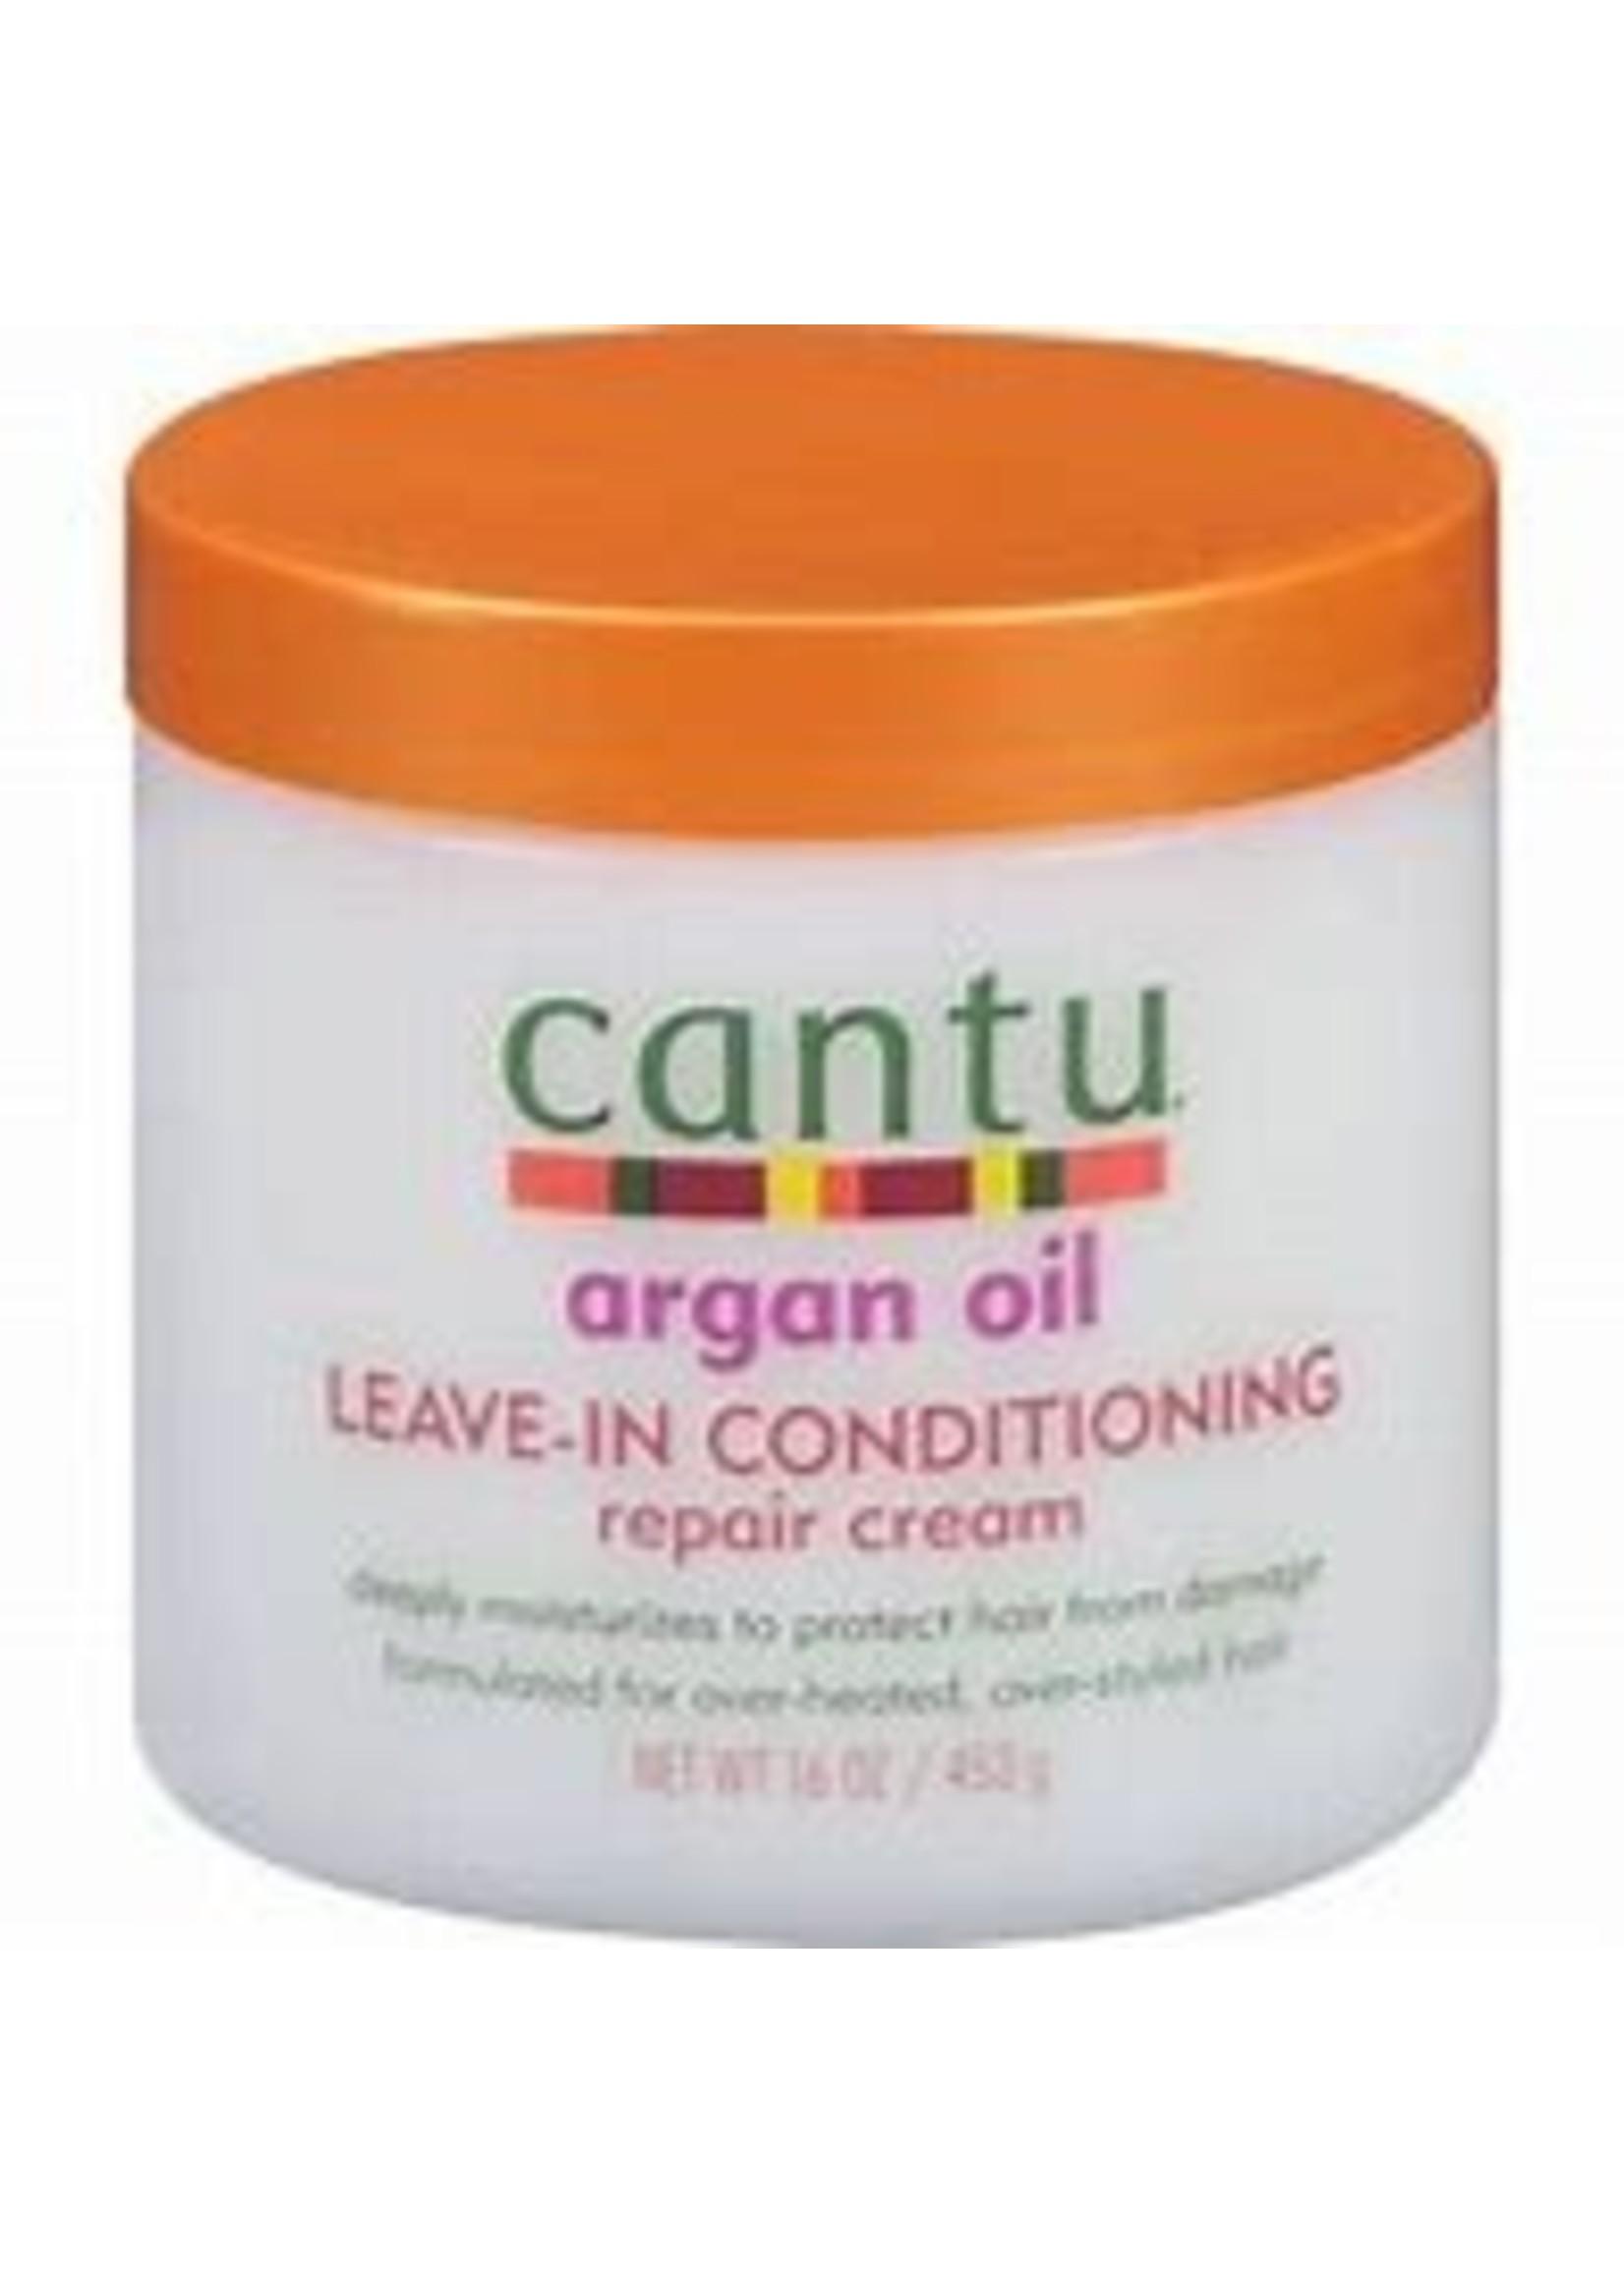 Cantu Argan Oil Leave In Conditioner 16oz